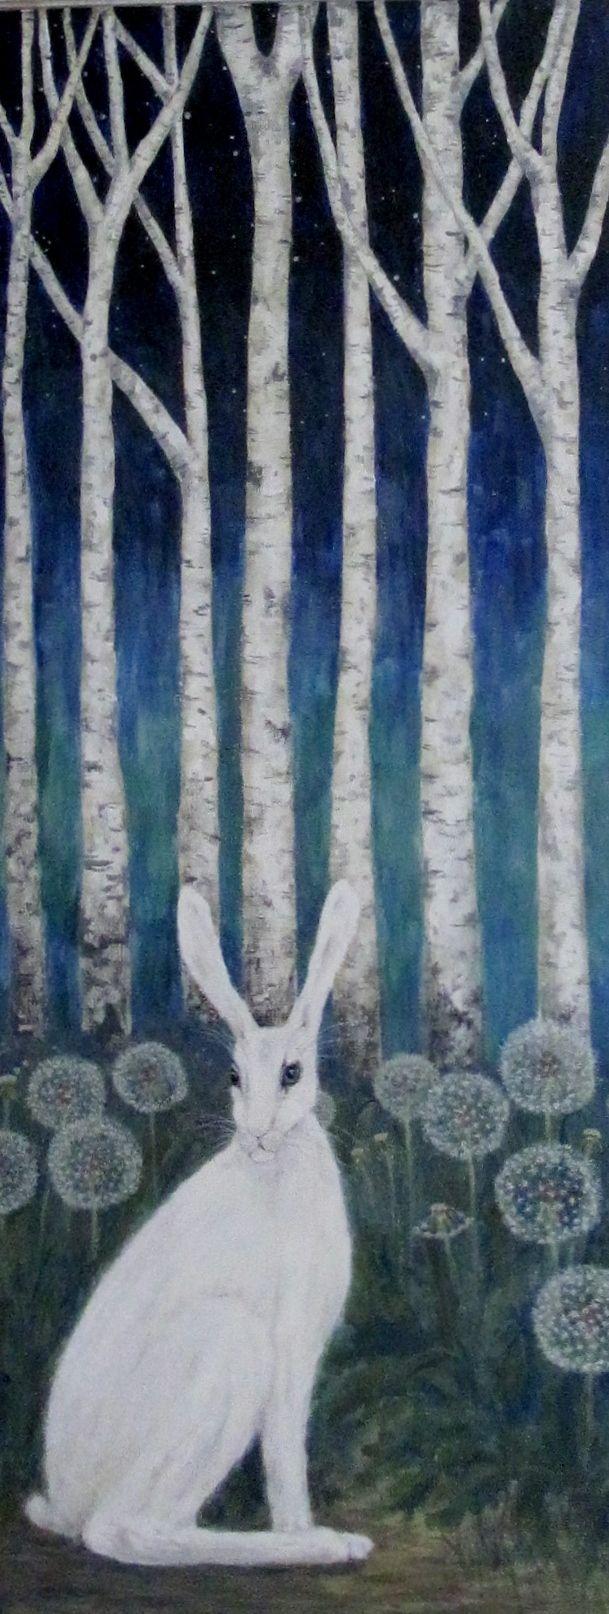 White hare.